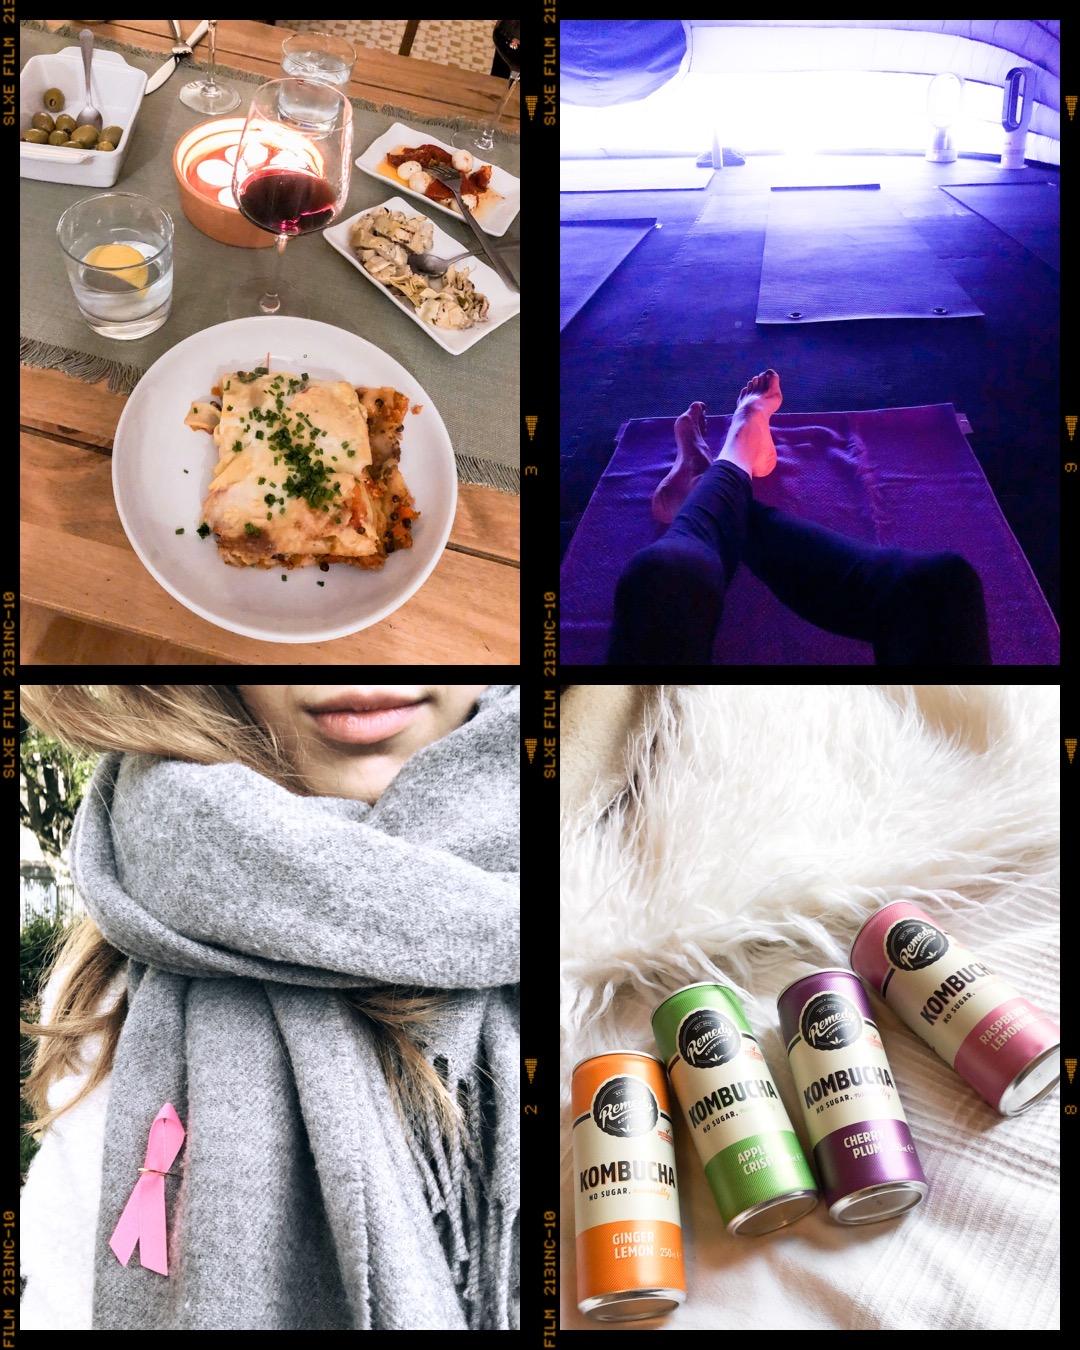 Vegan lasagne, Hotpod yoga, Pink Ribbon, Remedy Kombucha - vegaani lasagne, jooga, Roosa Nauha, kombucha